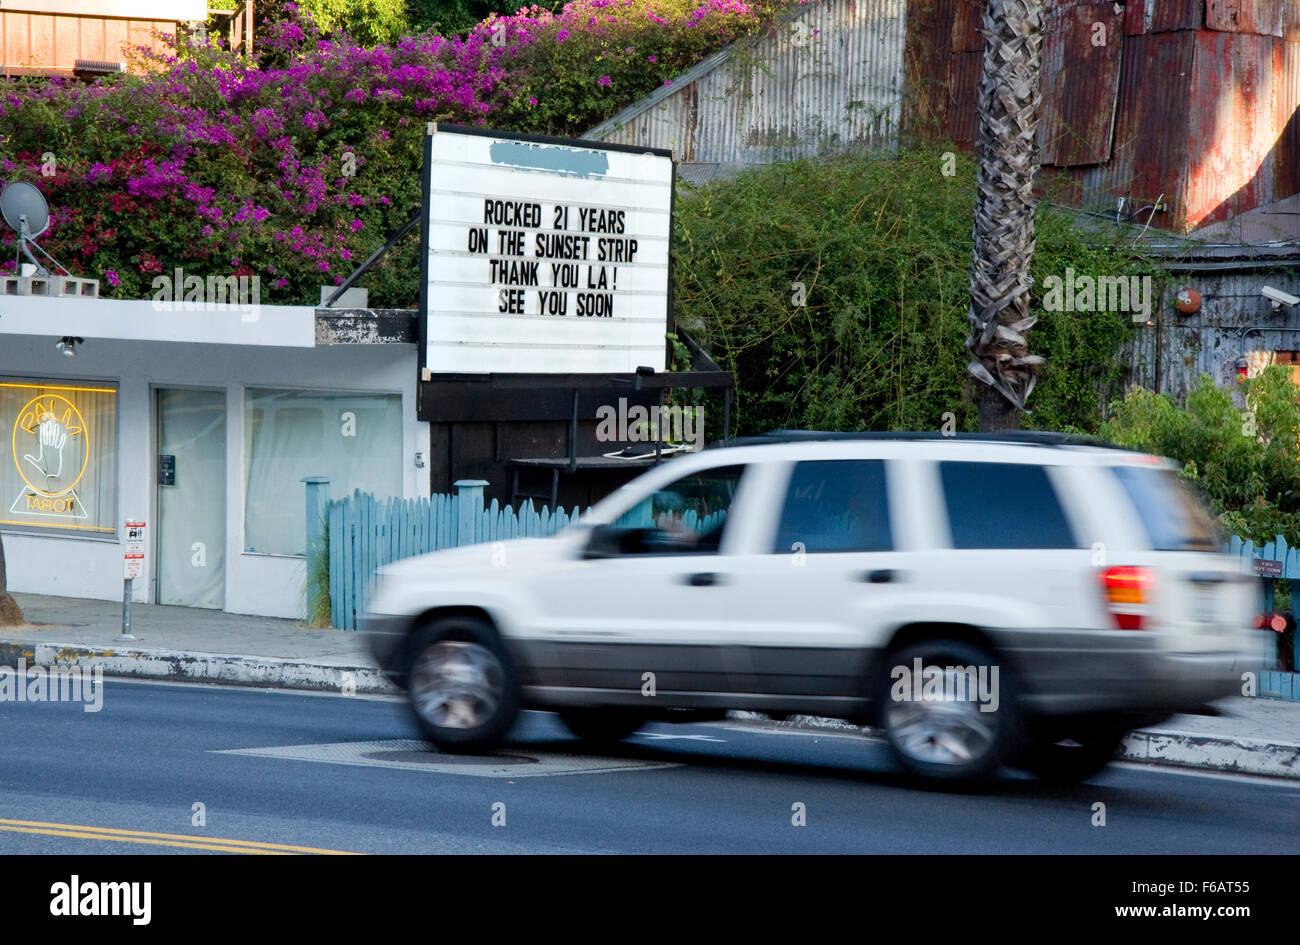 El House of Blues en Sunset Strip se cierra después de 21 años. Imagen De Stock